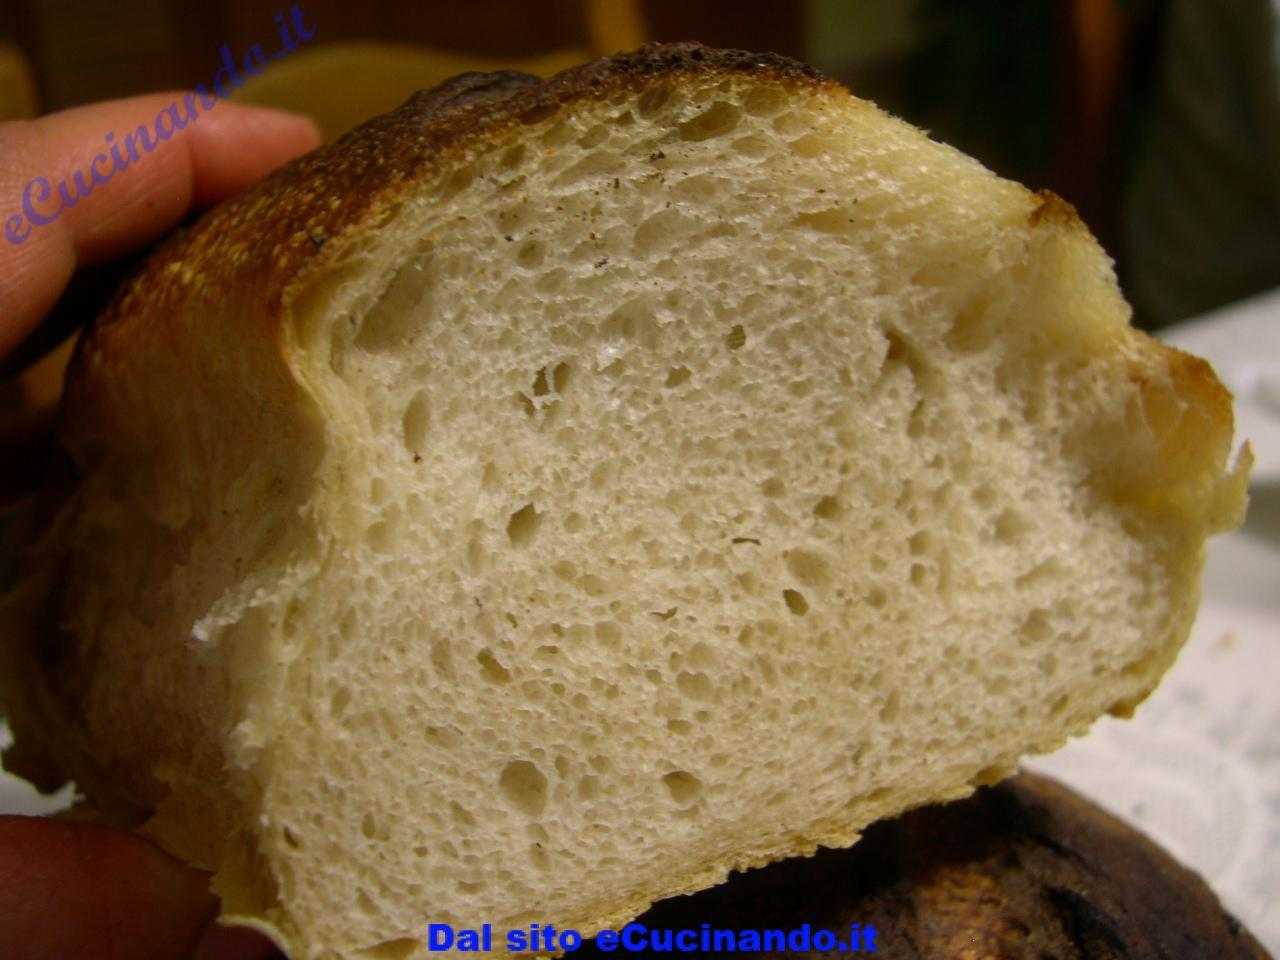 Pane-integrale-con-lievito-naturale-di-piergiorgio-giorilli